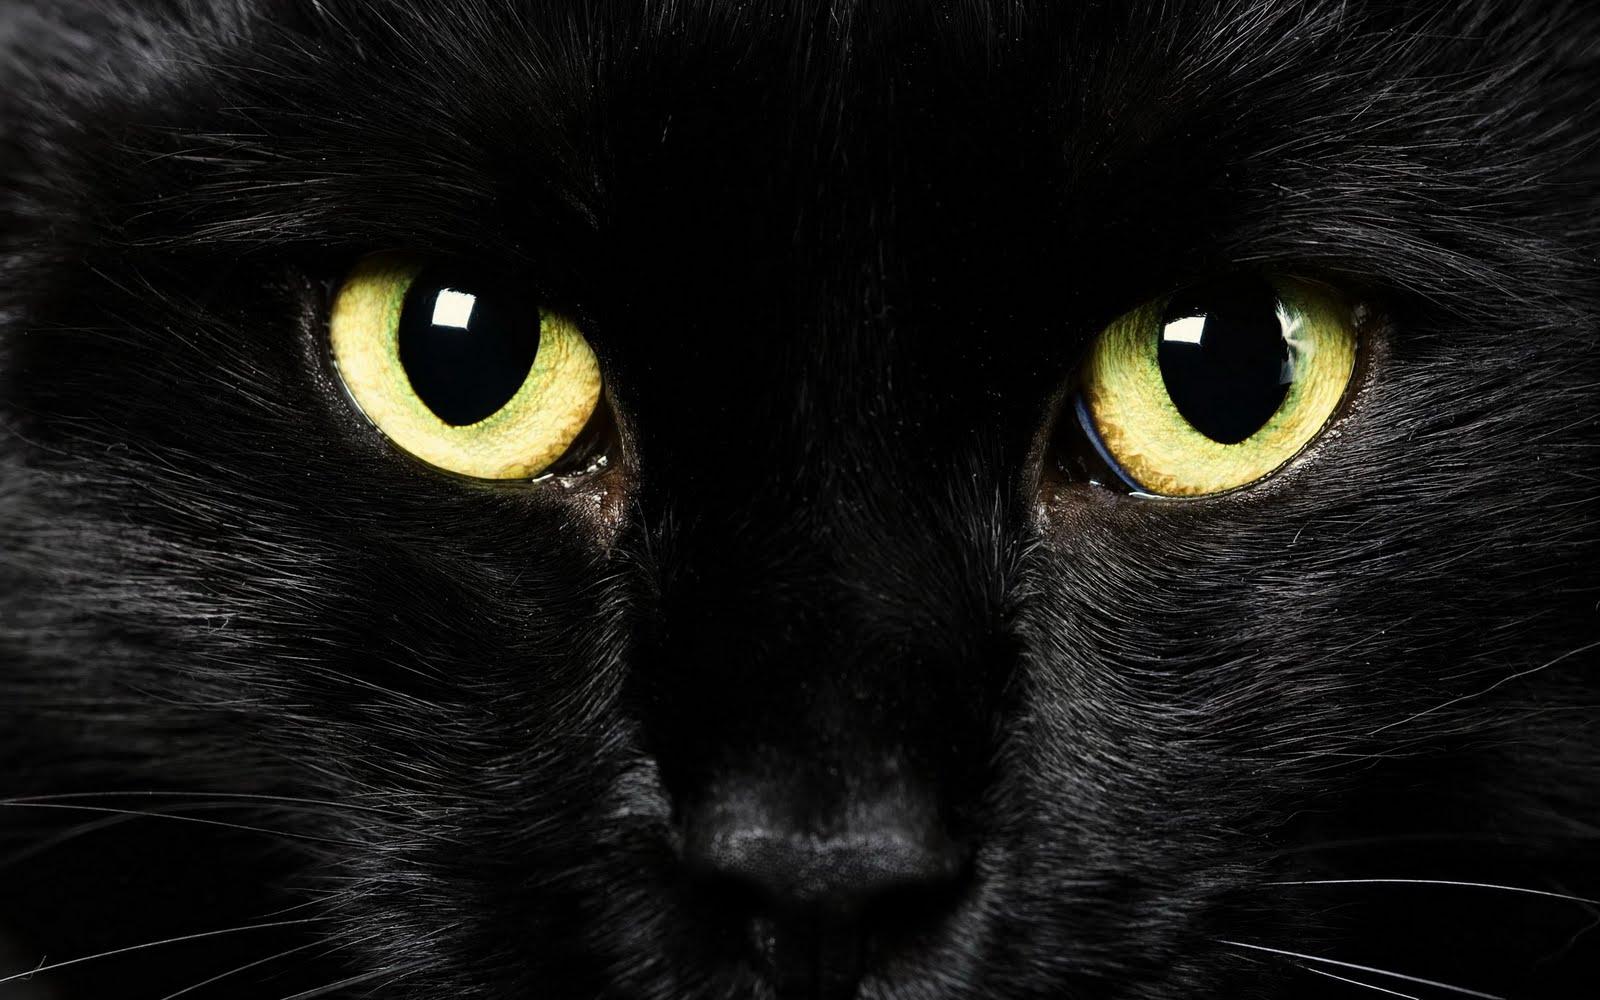 http://4.bp.blogspot.com/-ecl_m6loUPM/TjRZXEiNPaI/AAAAAAAAAE8/IPYssh1tldw/s1600/Wallpaper-cat-eyes-face-desktop-wallpaper-25601600.jpg